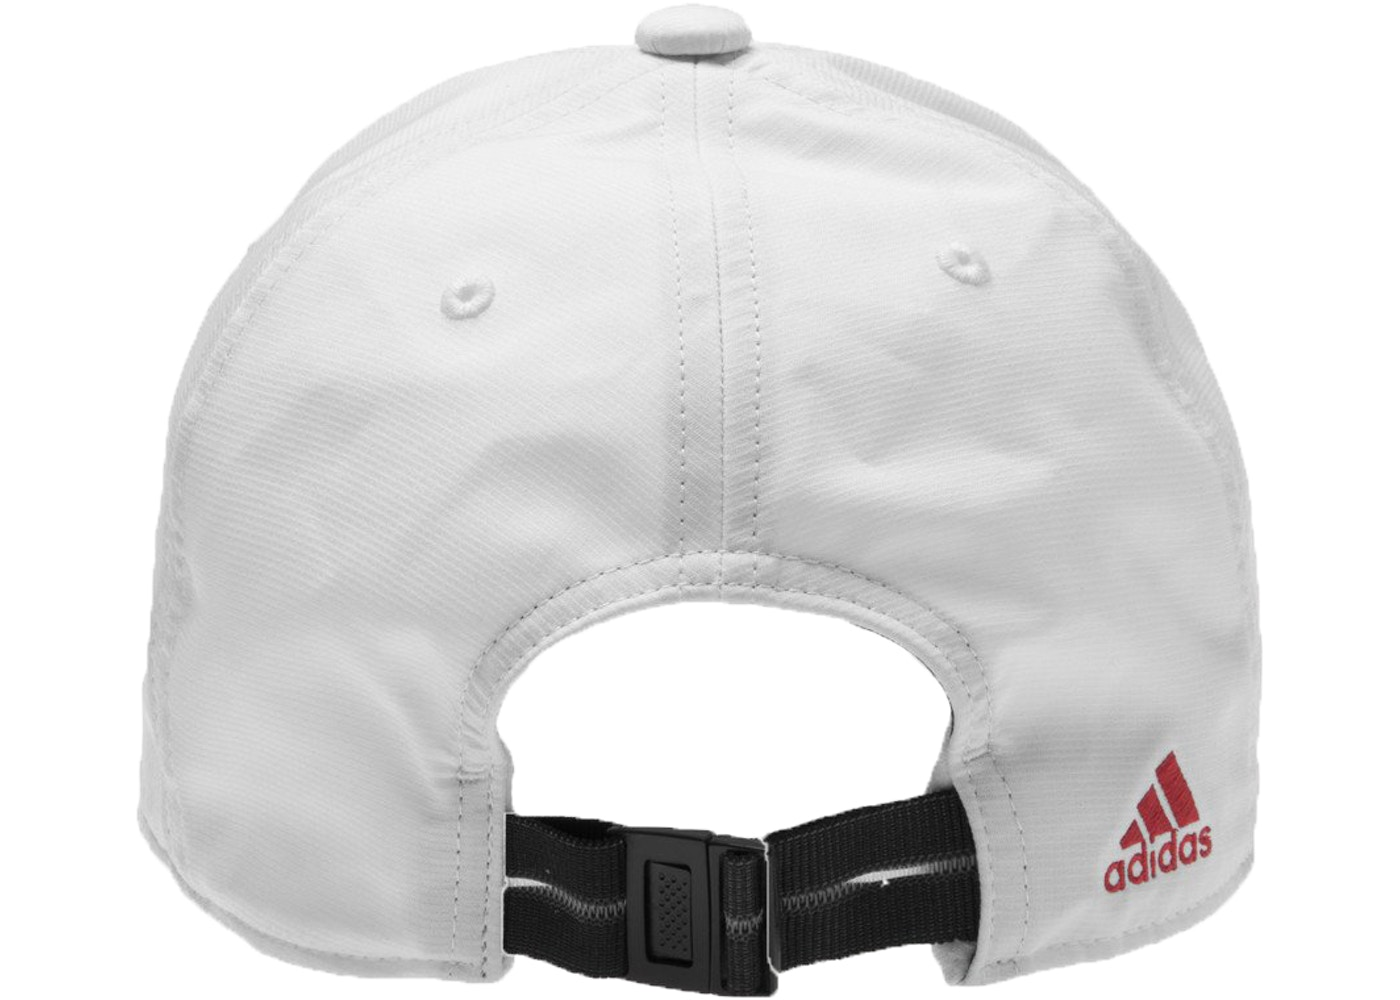 18fa2a7e55d19 Streetwear - Kith Accessories - Price Premium